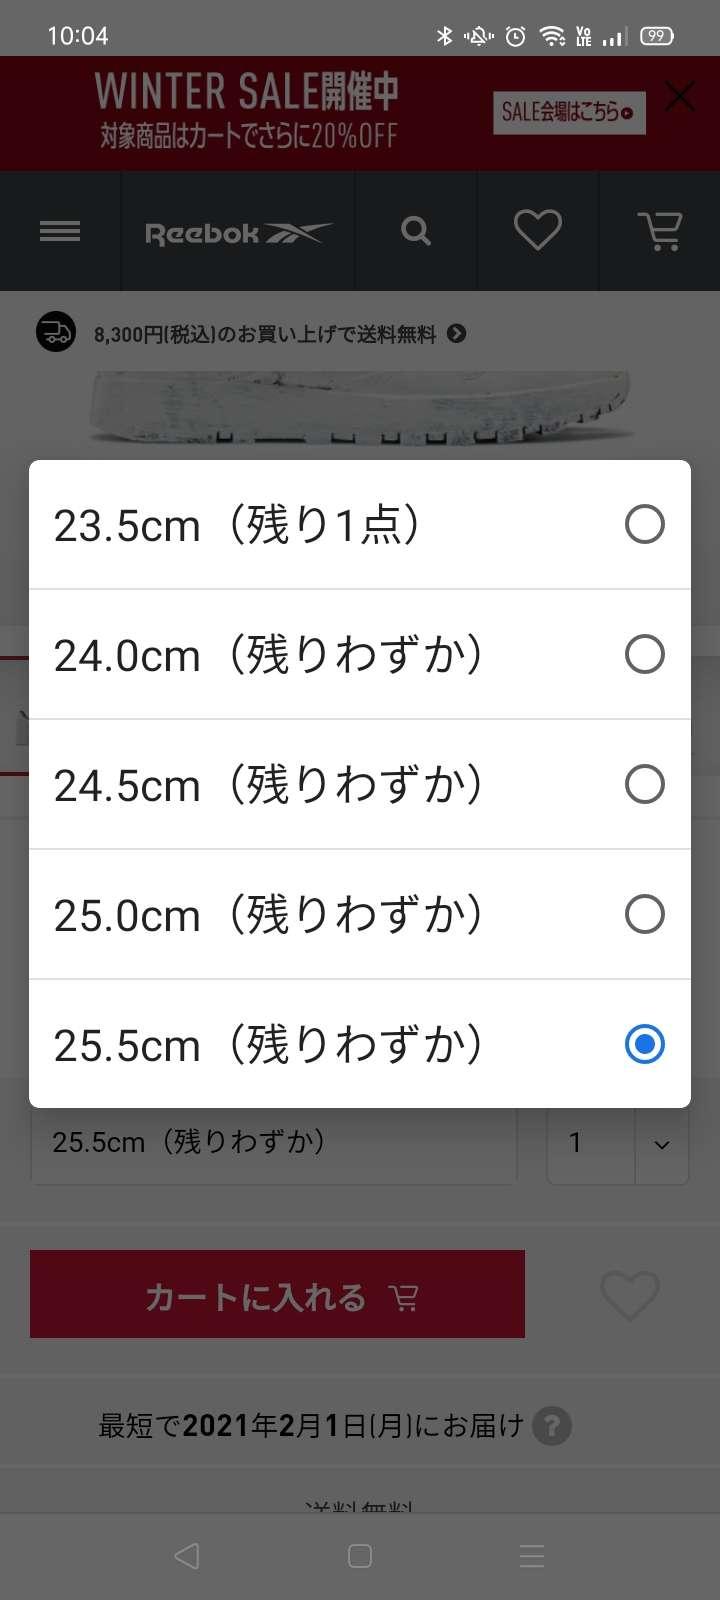 何だこのサイズ展開、日本サイトは販売ページすら公開遅いし、舐めてるのかな?😋 2